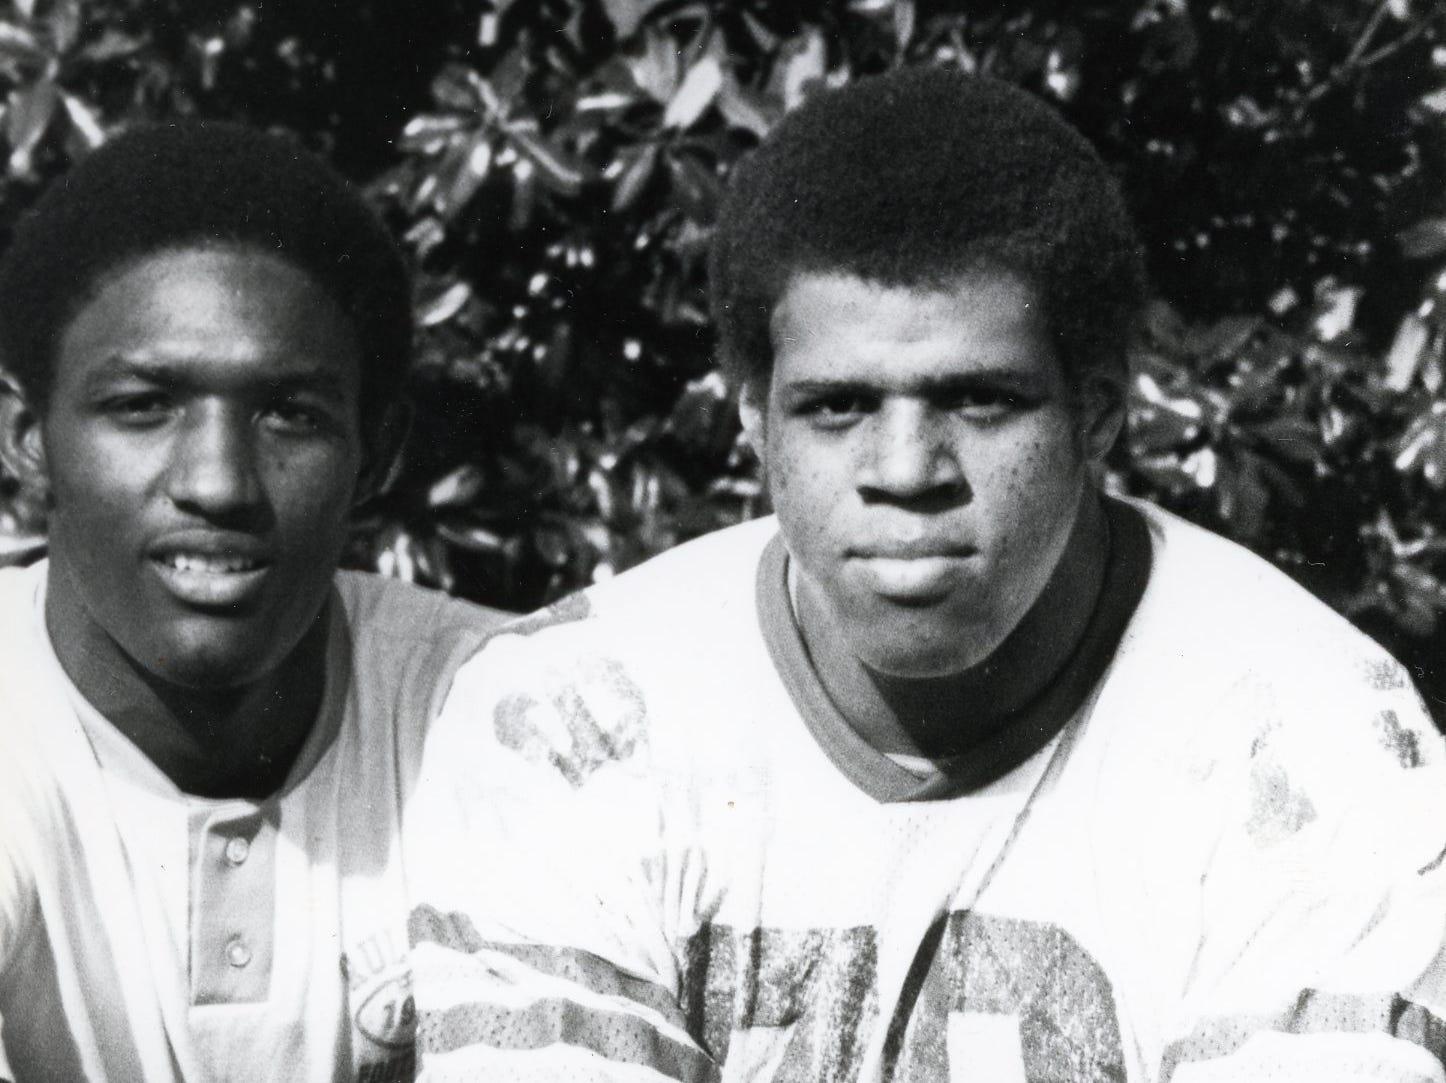 Reggie McKenzie, right, 1979